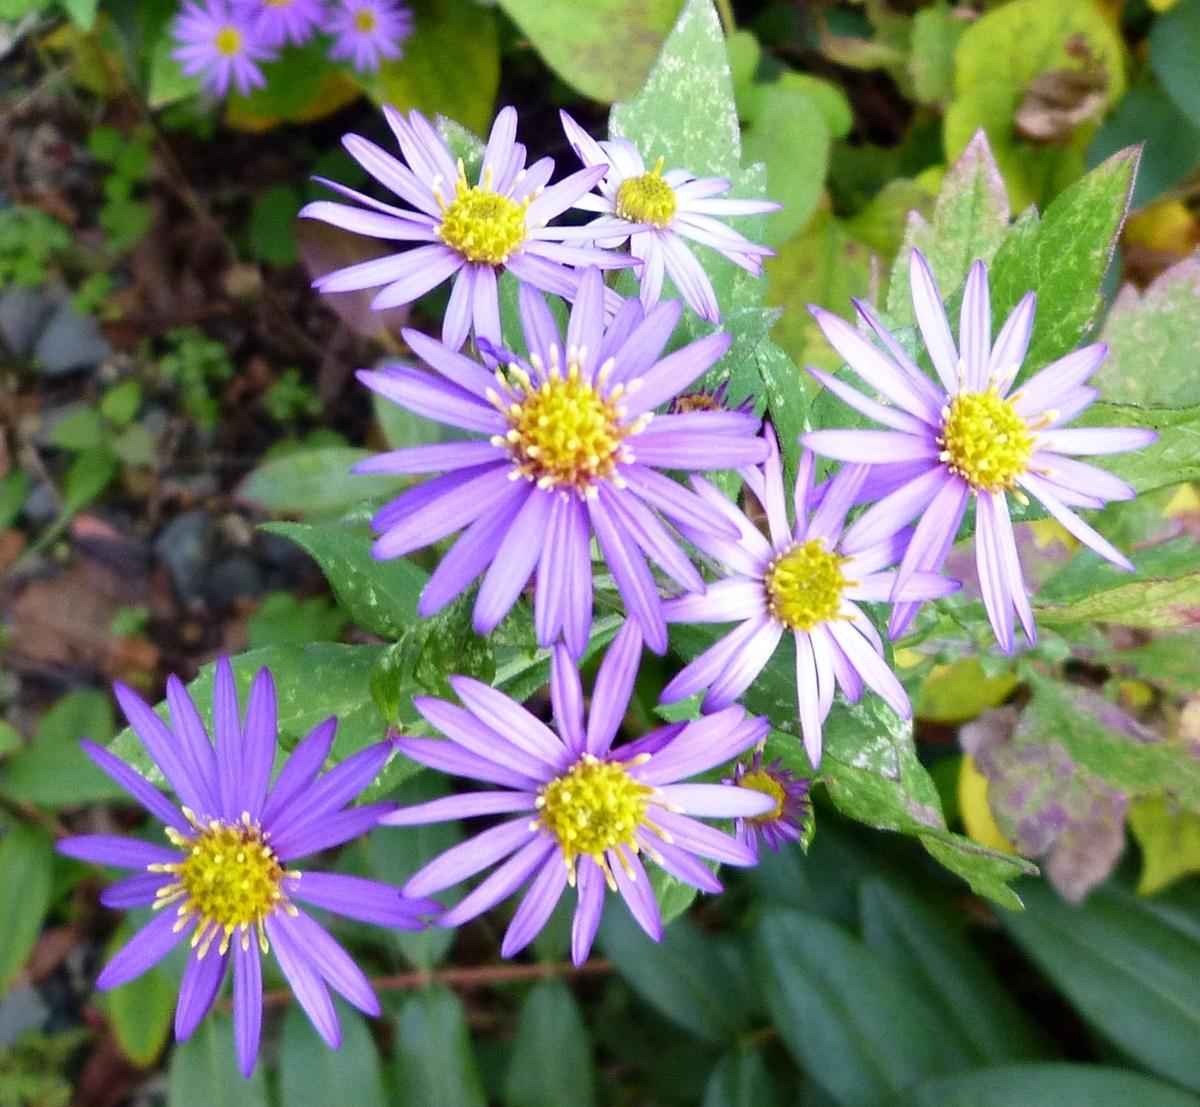 初冬に咲く紫色の小さな菊